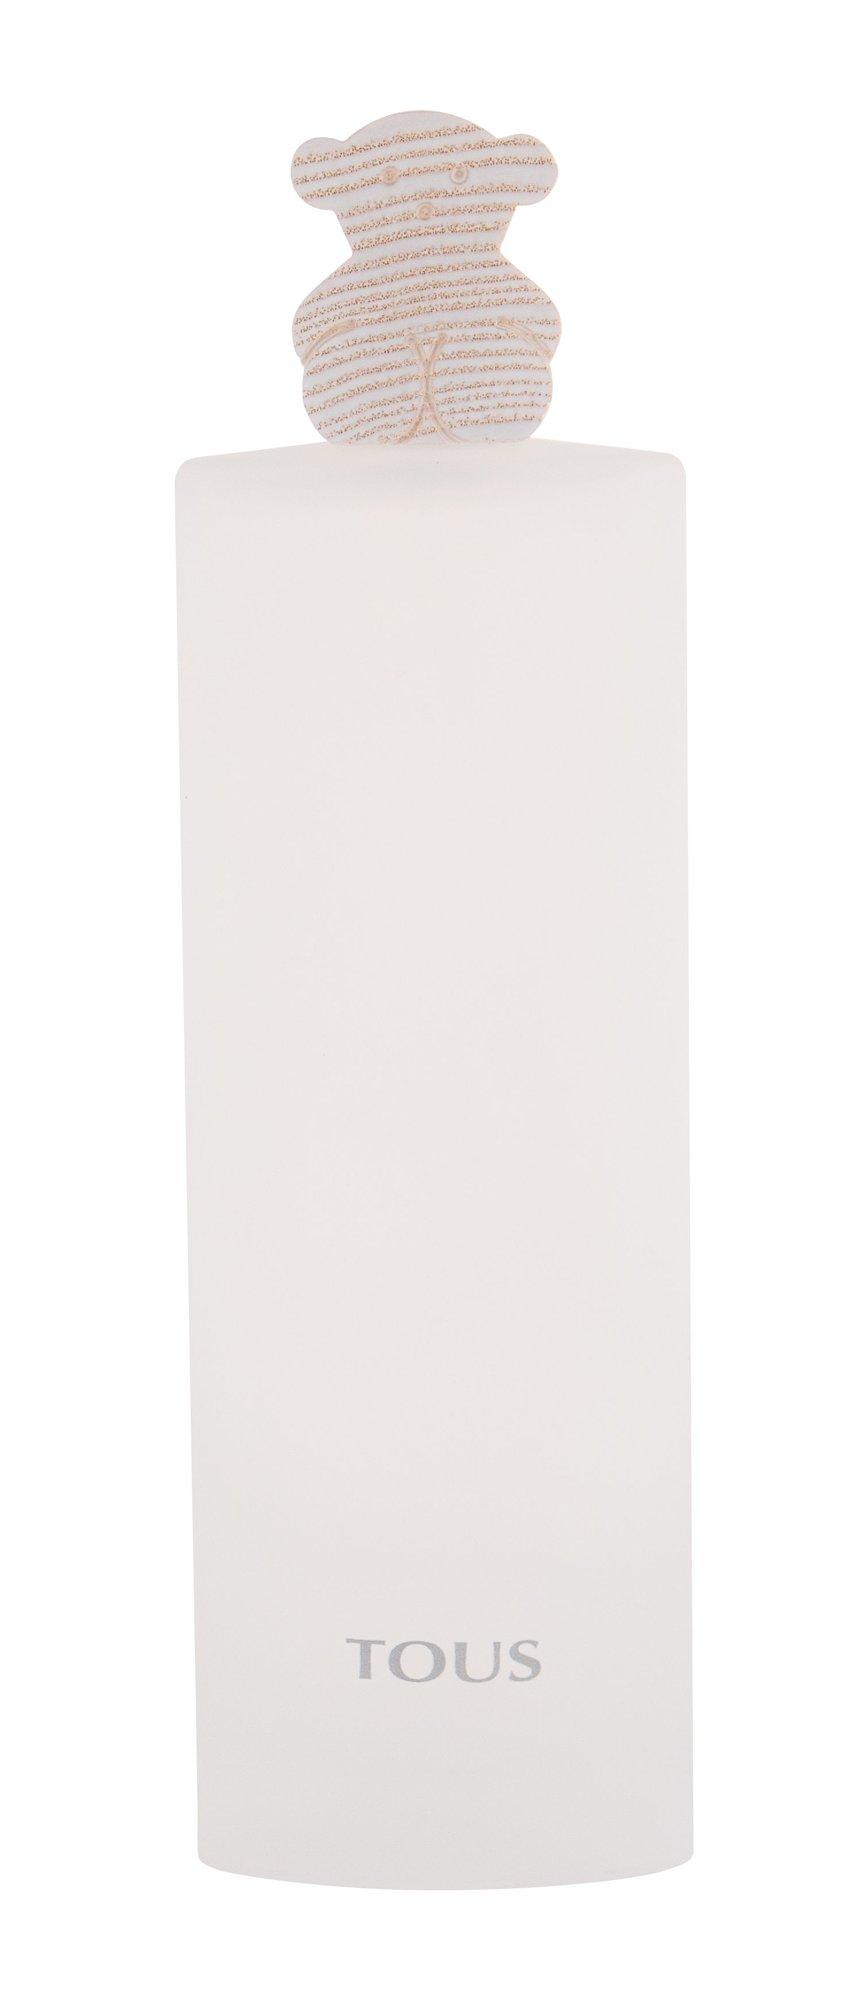 TOUS Les Colognes Concentrées Eau de Toilette 90ml